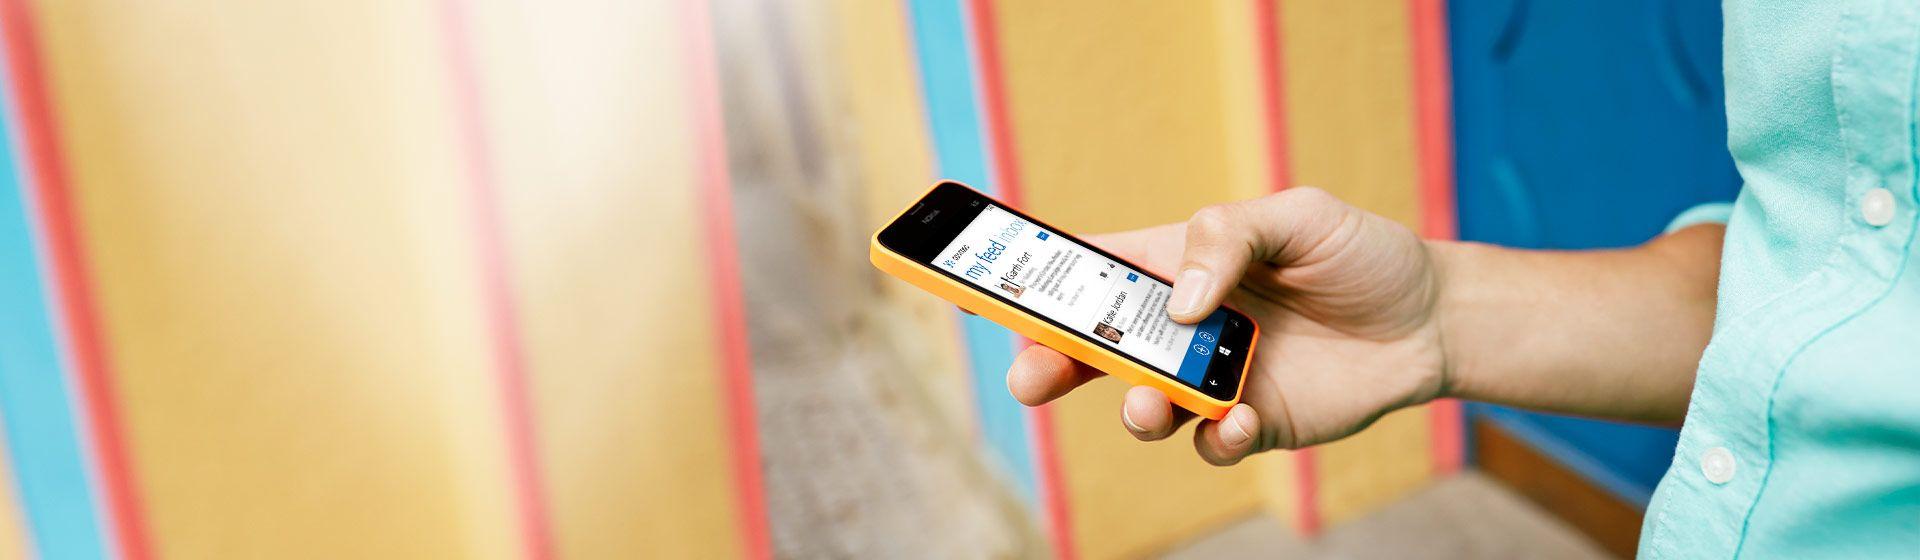 Một bàn tay cầm điện thoại chạy Windows hiển thị nguồn cấp dữ liệu trong ứng dụng Yammer dành cho thiết bị di động